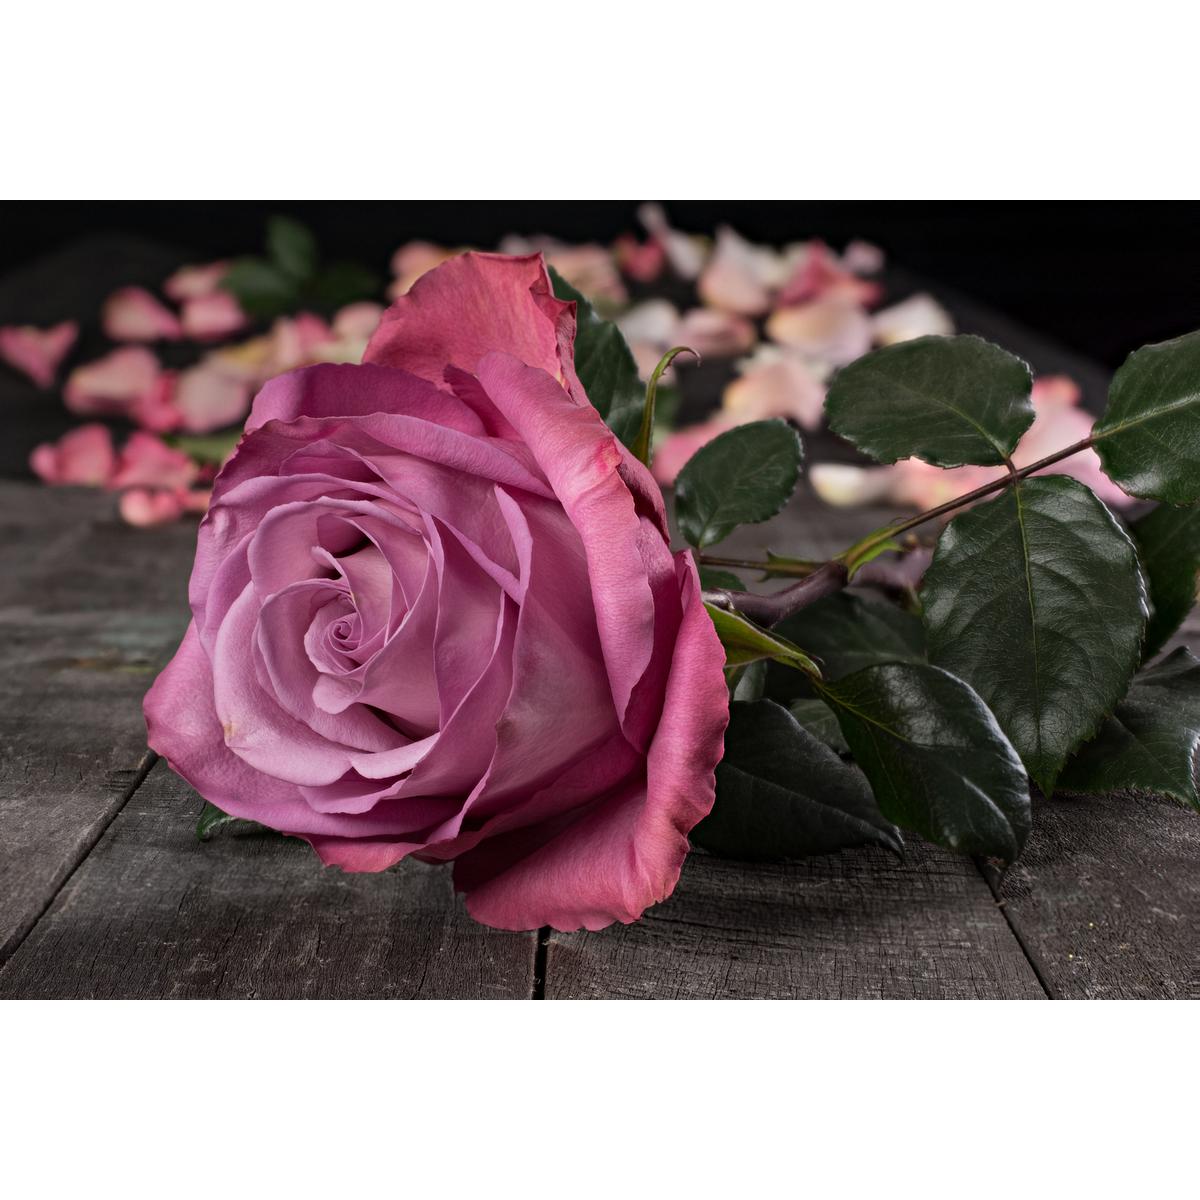 О розе blue moon: описание и характеристики сорта чайно гибридной розы